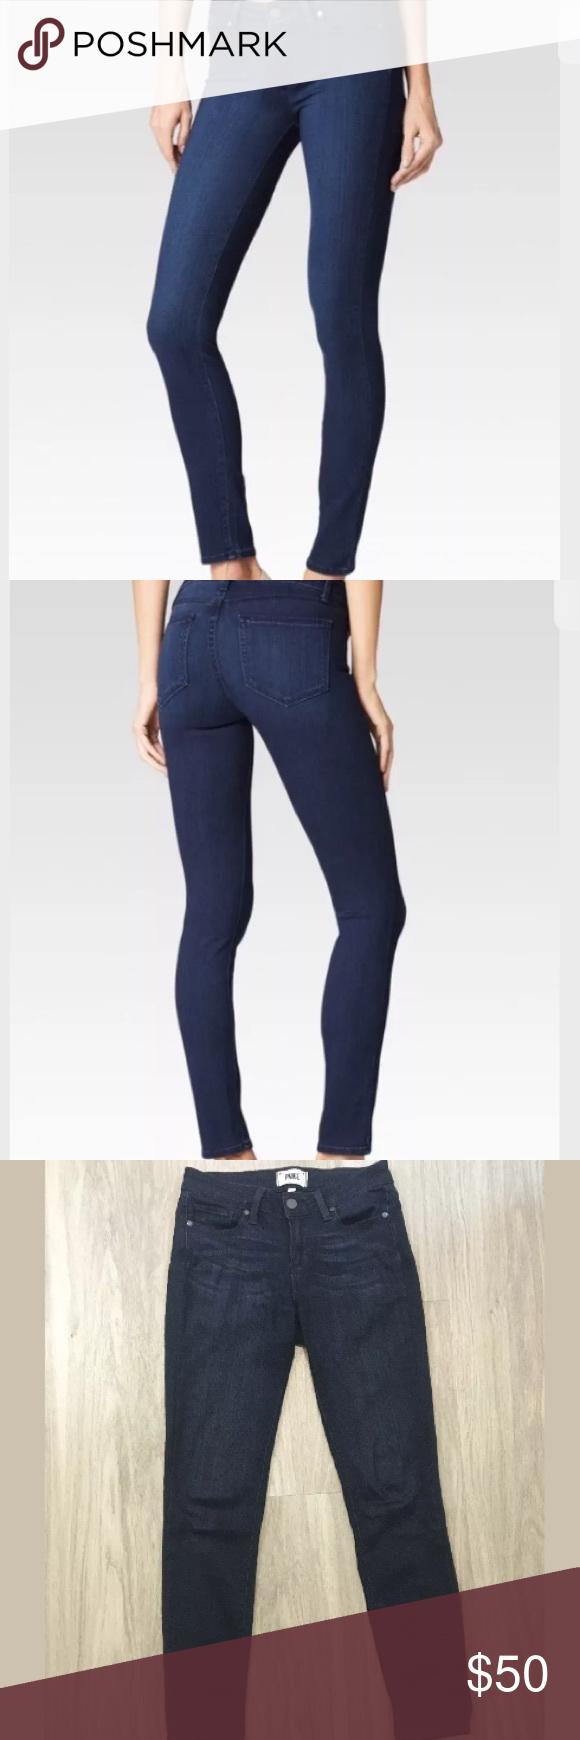 Paige Denim Verdugo Ankle Paige denim dark wash Verdugo ankle size 26 Paige Jeans Jeans Skinny